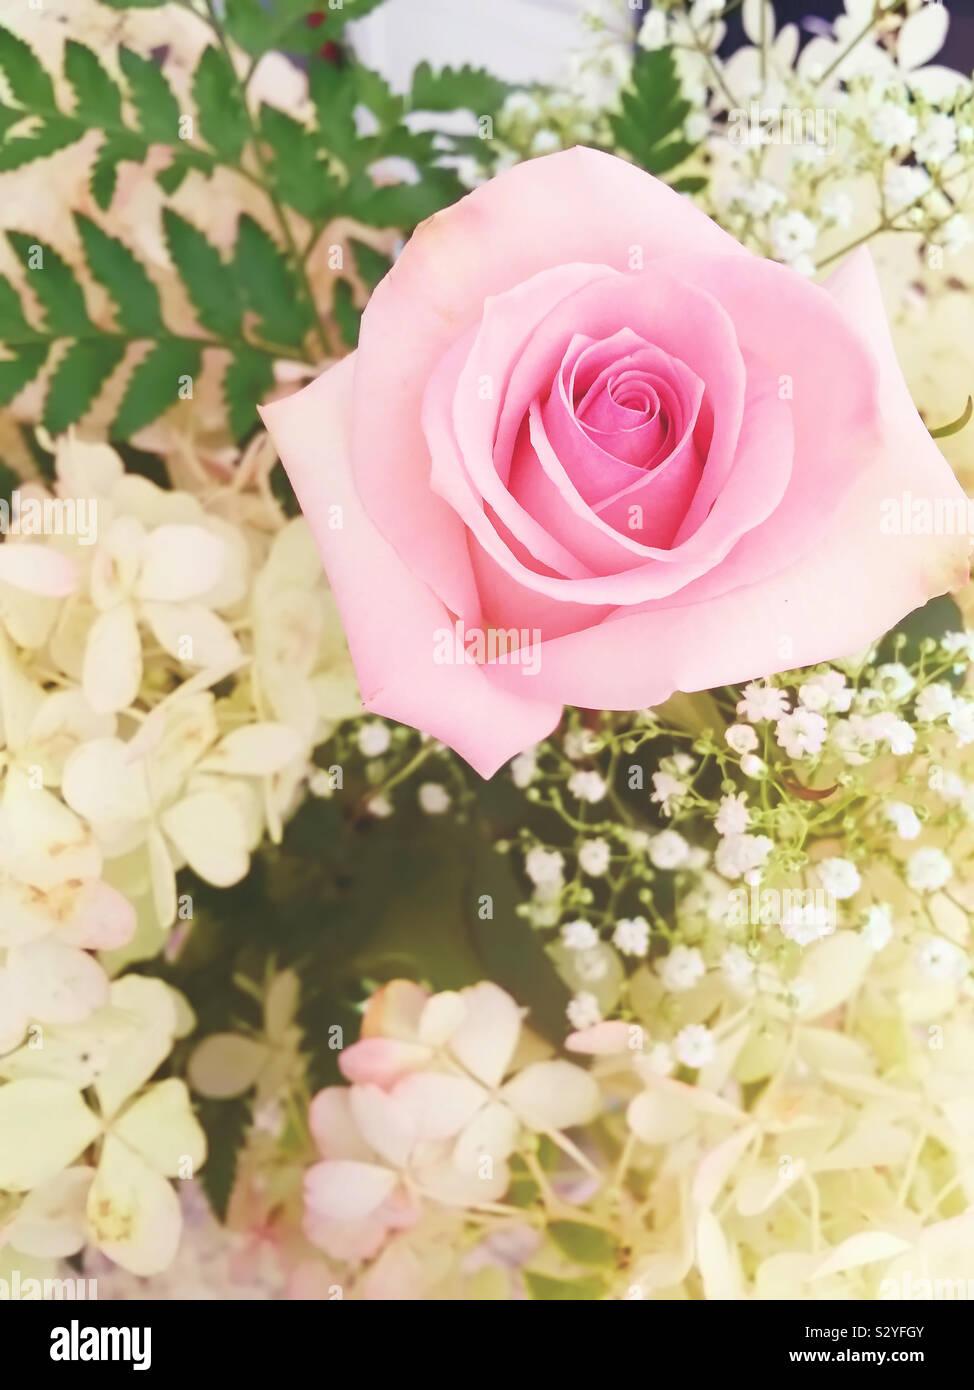 Una rosa rosa circondato da fiori bianchi in una disposizione del fiore. La messa a fuoco in primo piano e il rosa rosa. Foto Stock